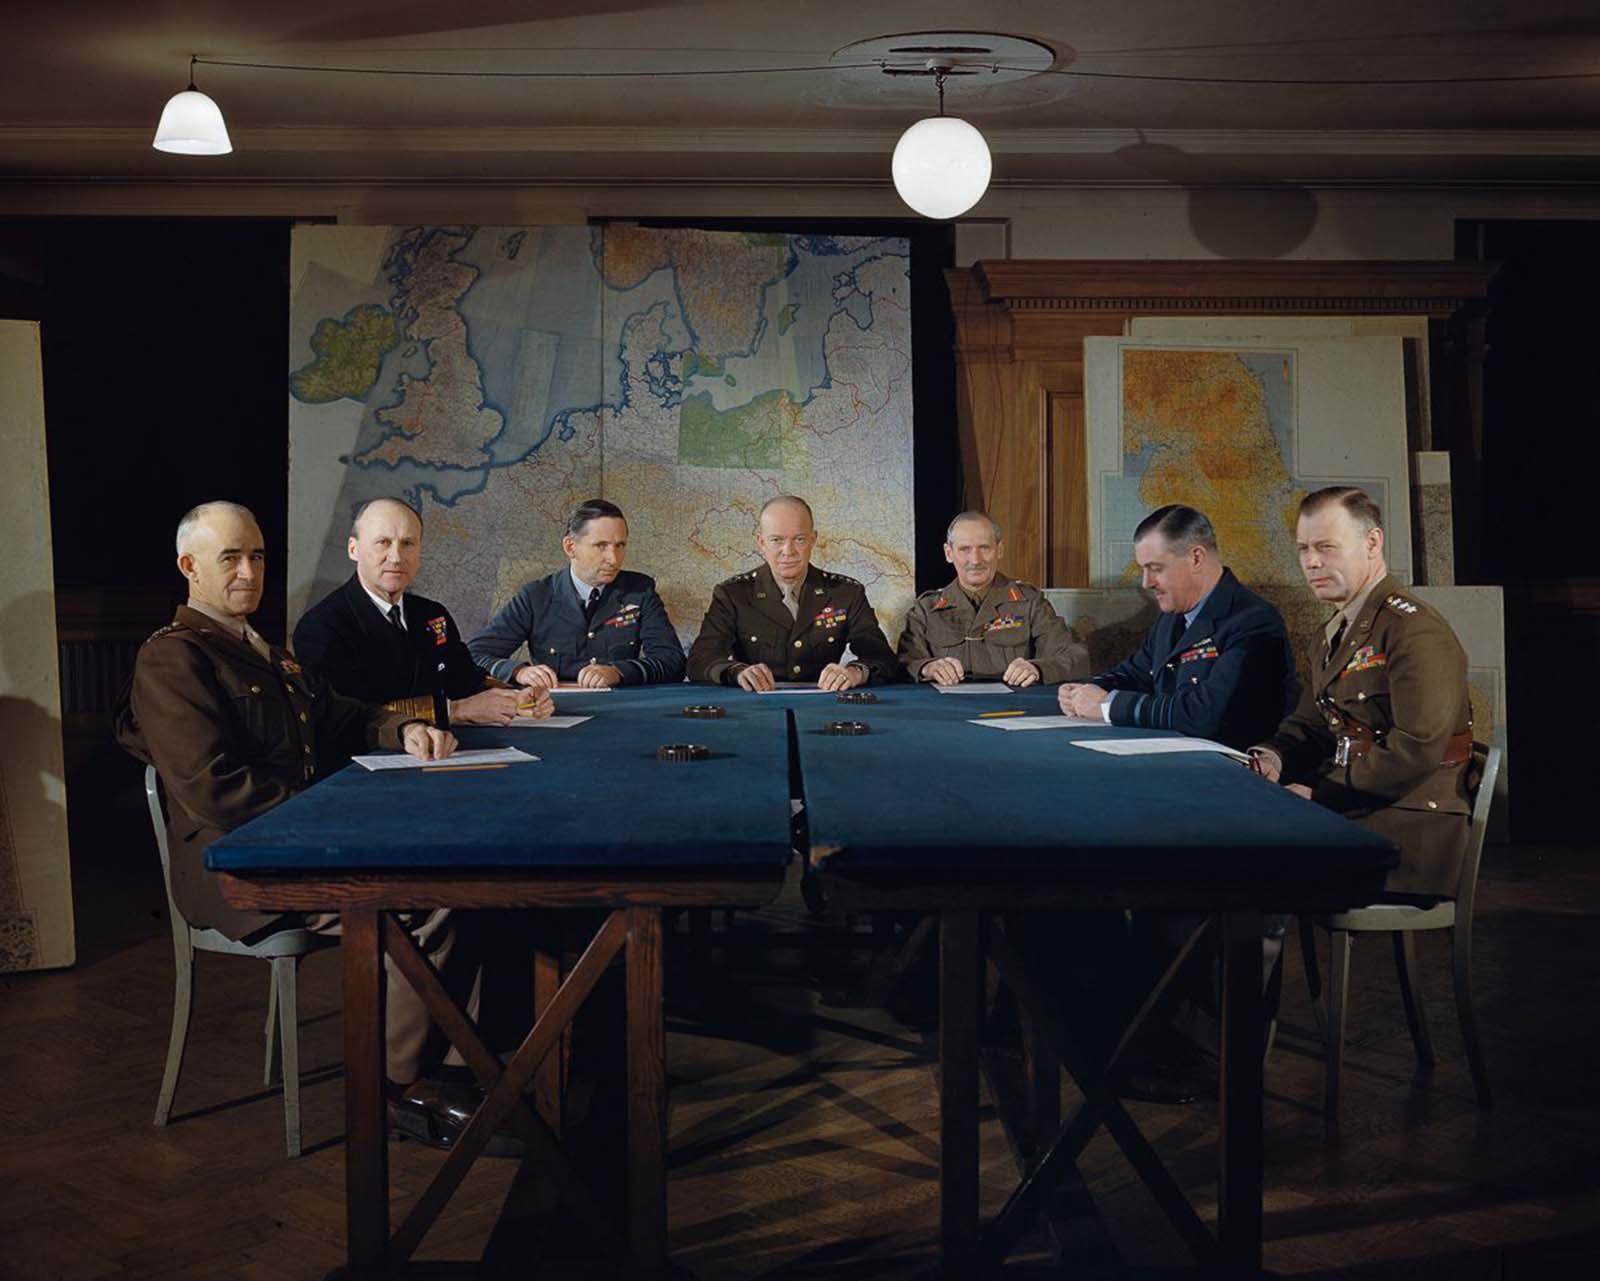 Dwight D. Eisenhower tábornok és vezető parancsnokai a londoni szövetségesek legfőbb parancsnokságán.  1944.